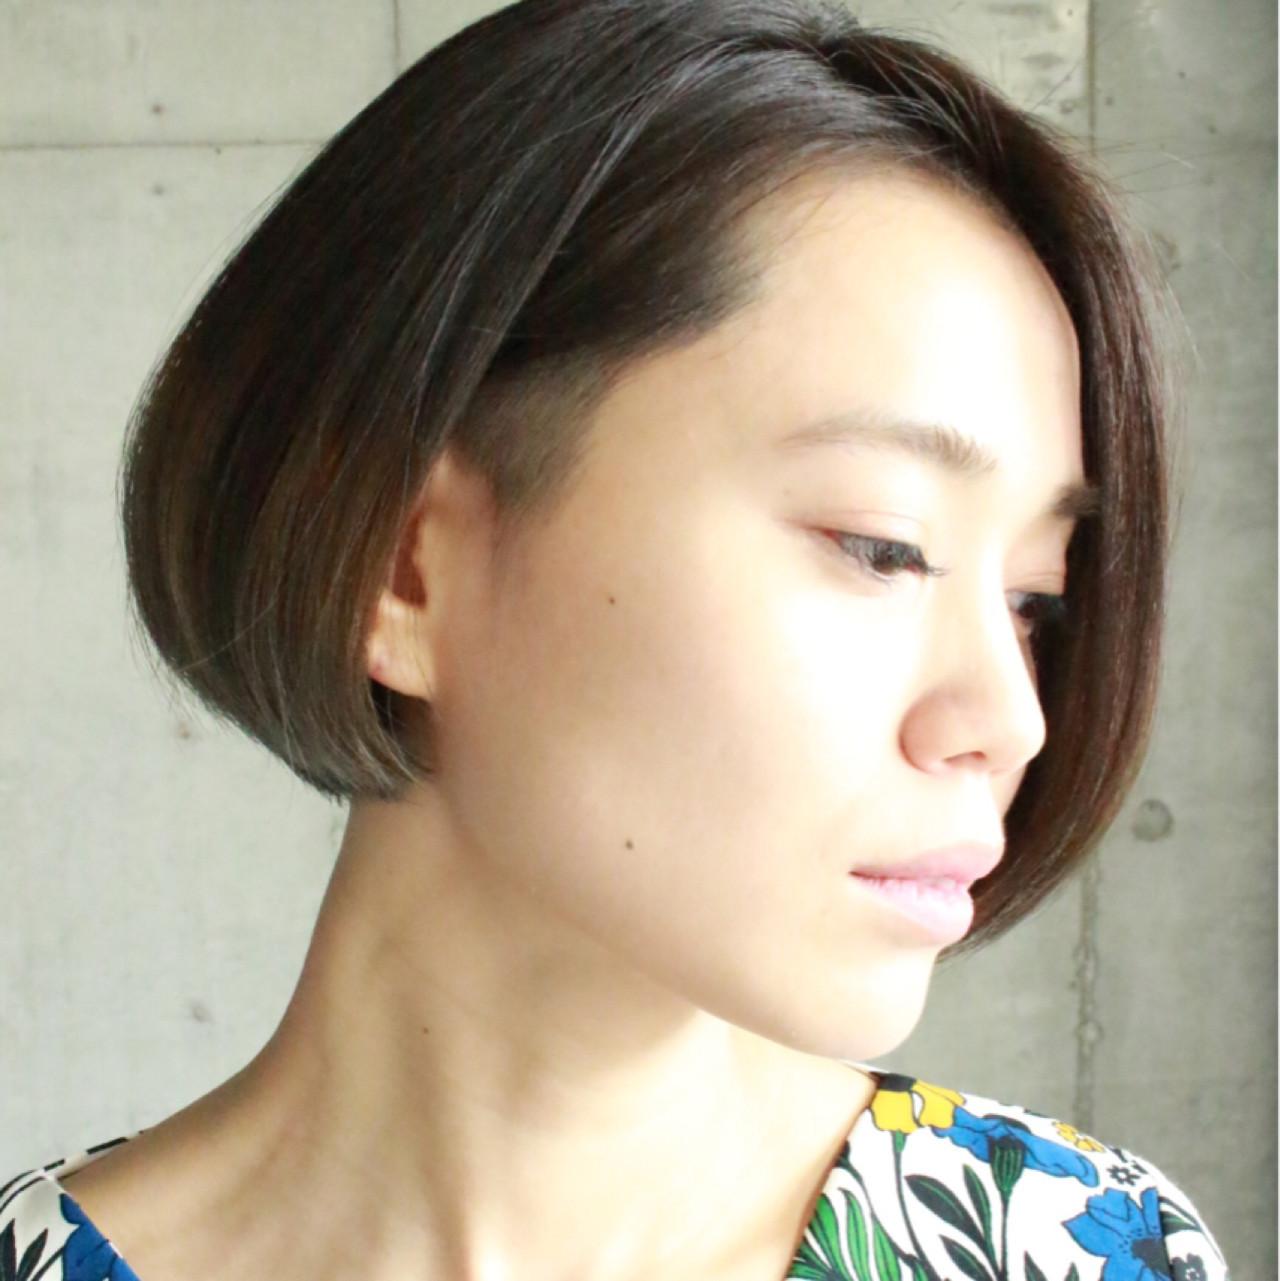 サイド刈り上げで雰囲気アップ Shinya_abiru